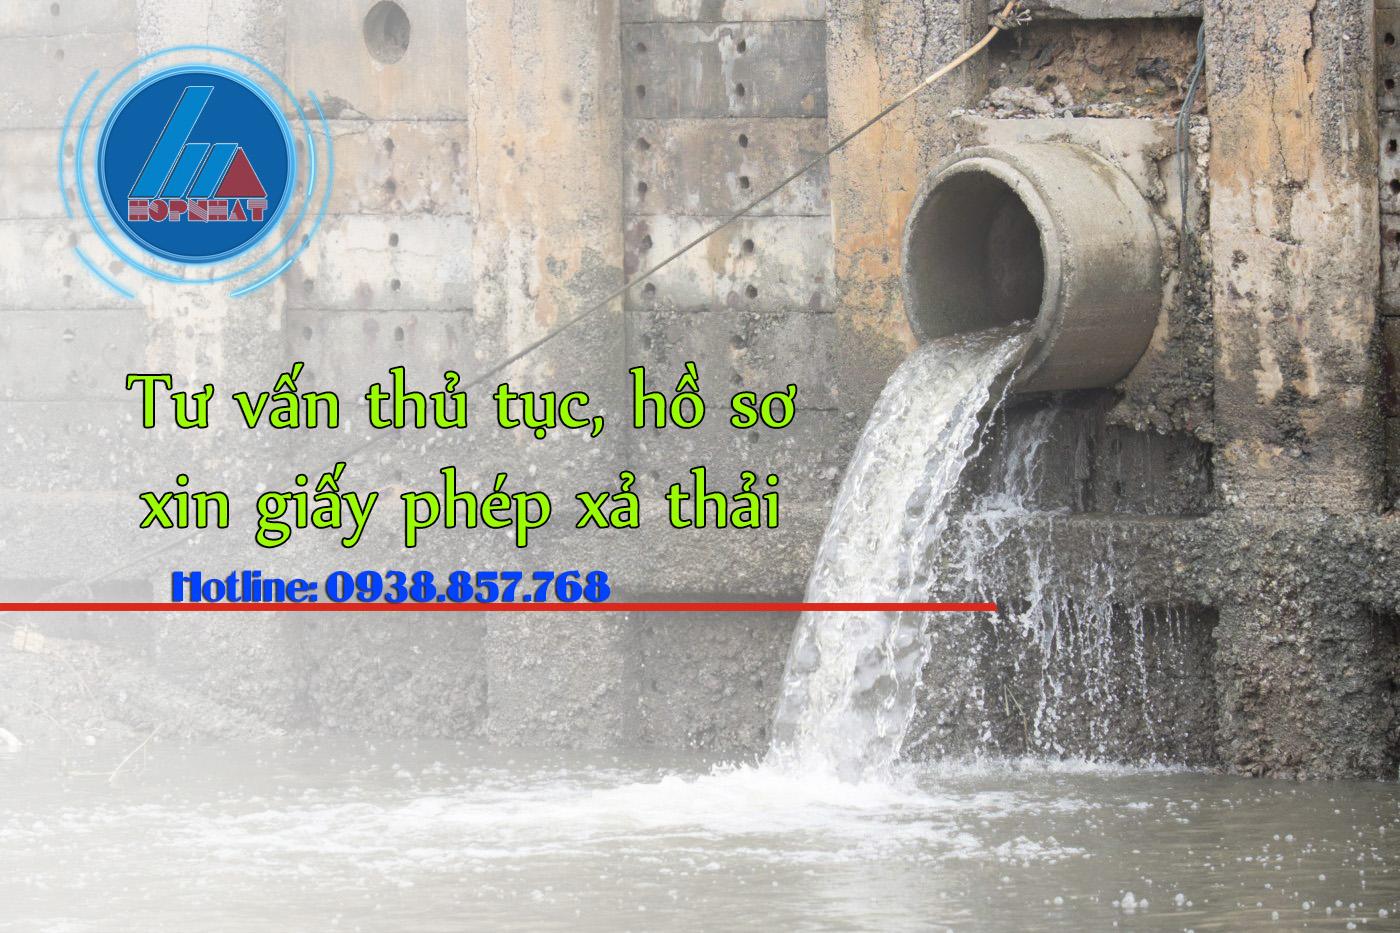 Thủ tục xin giấy phép xả thải vào nguồn nước